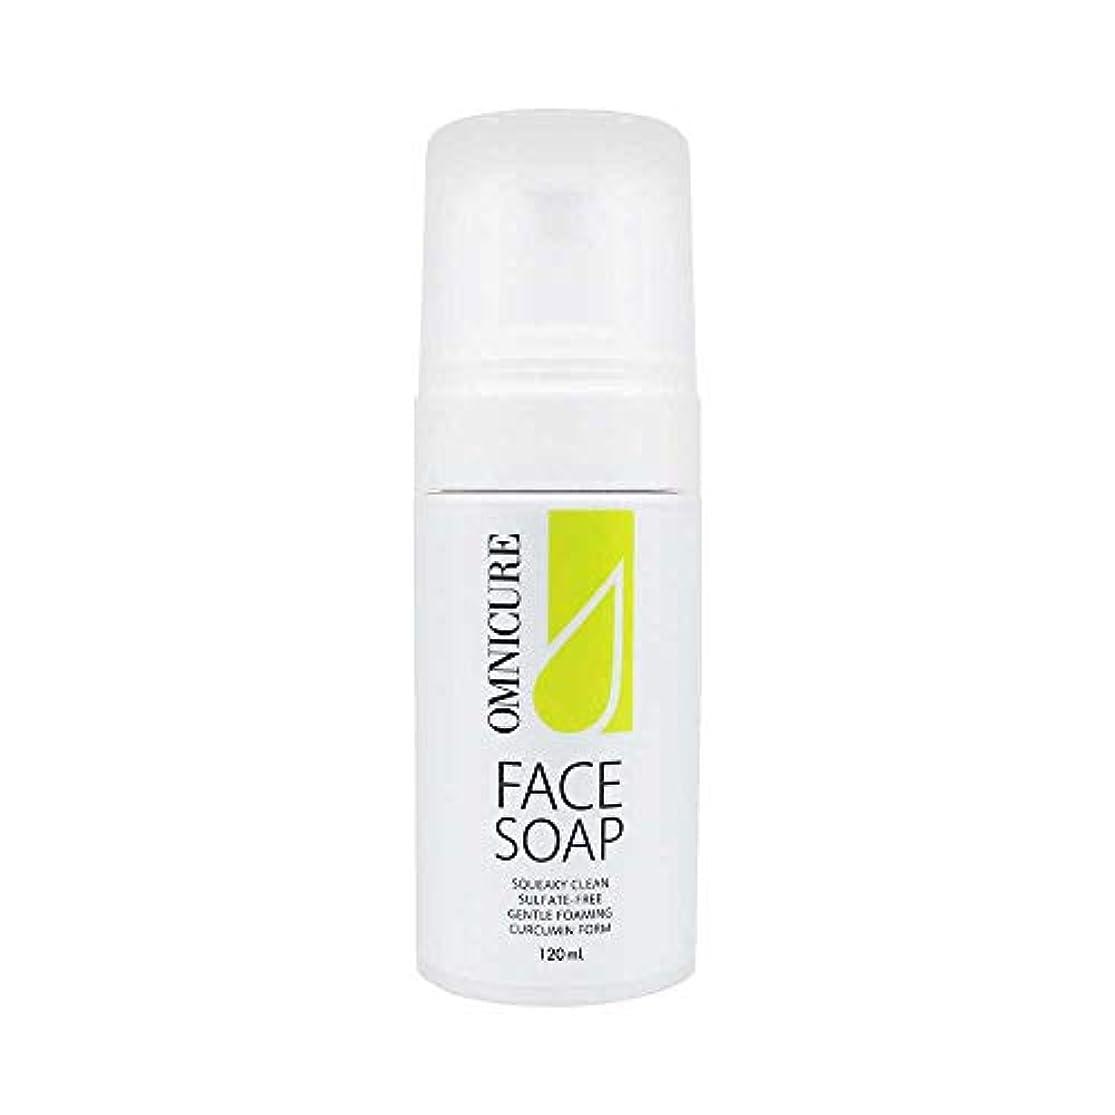 本質的ではないタイトルコインランドリーオムニキュア フェイスソープ 泡洗顔 お肌の調子を整える洗顔フォーム 弱酸性 敏感肌 驚きの保湿力 乾燥肌におすすめ